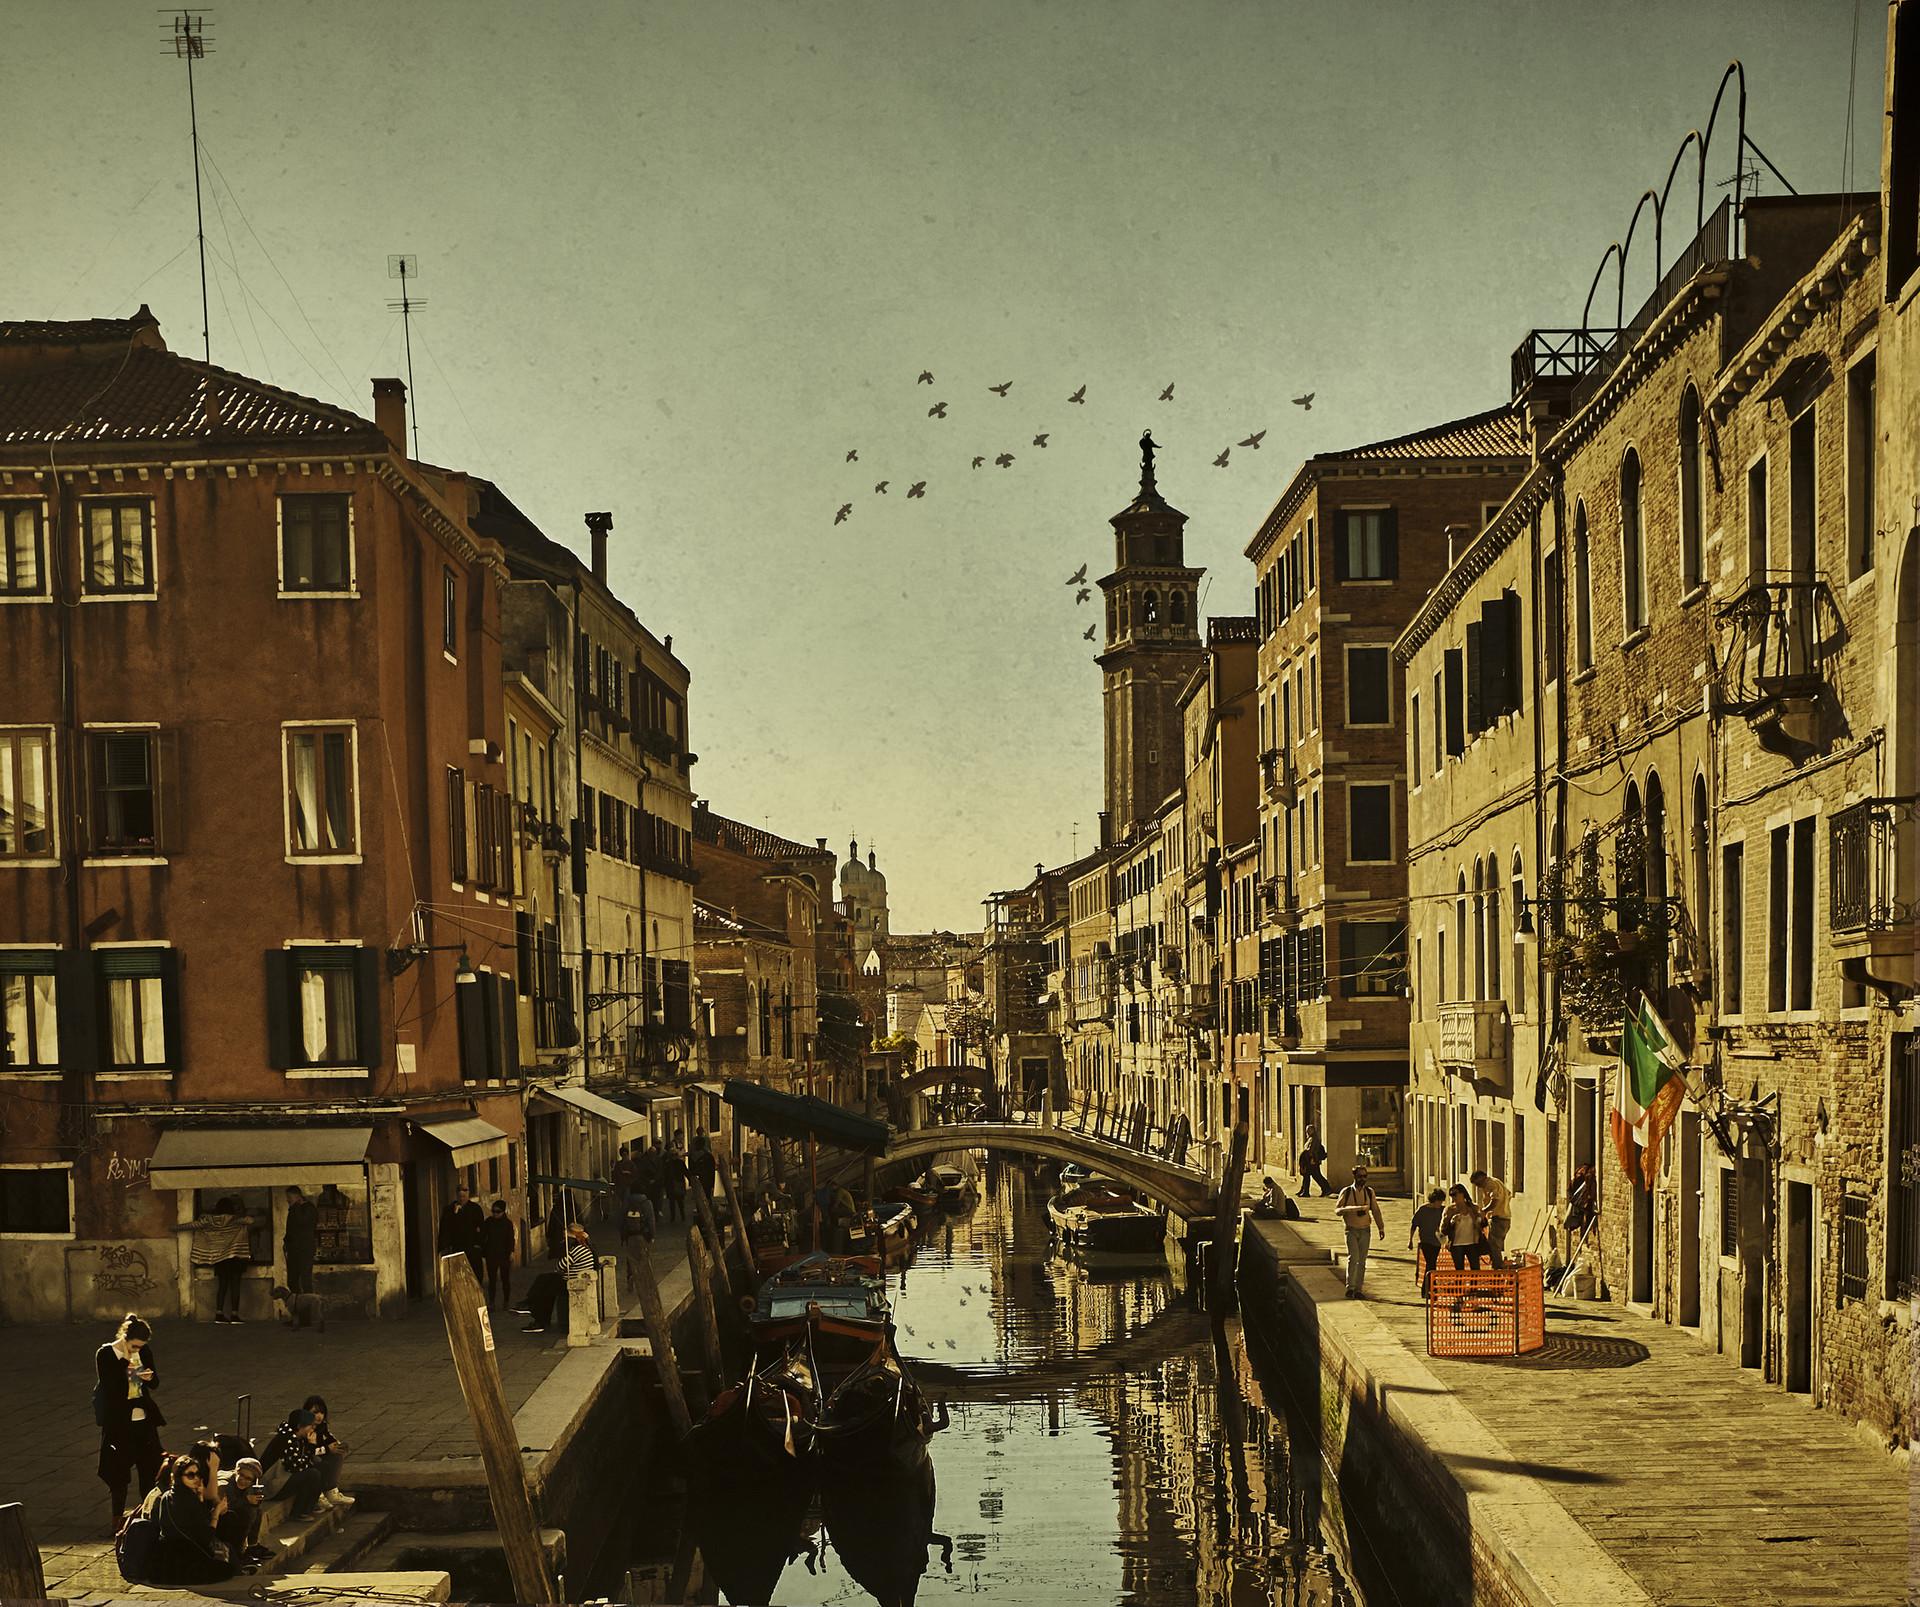 Venitian Canal Life